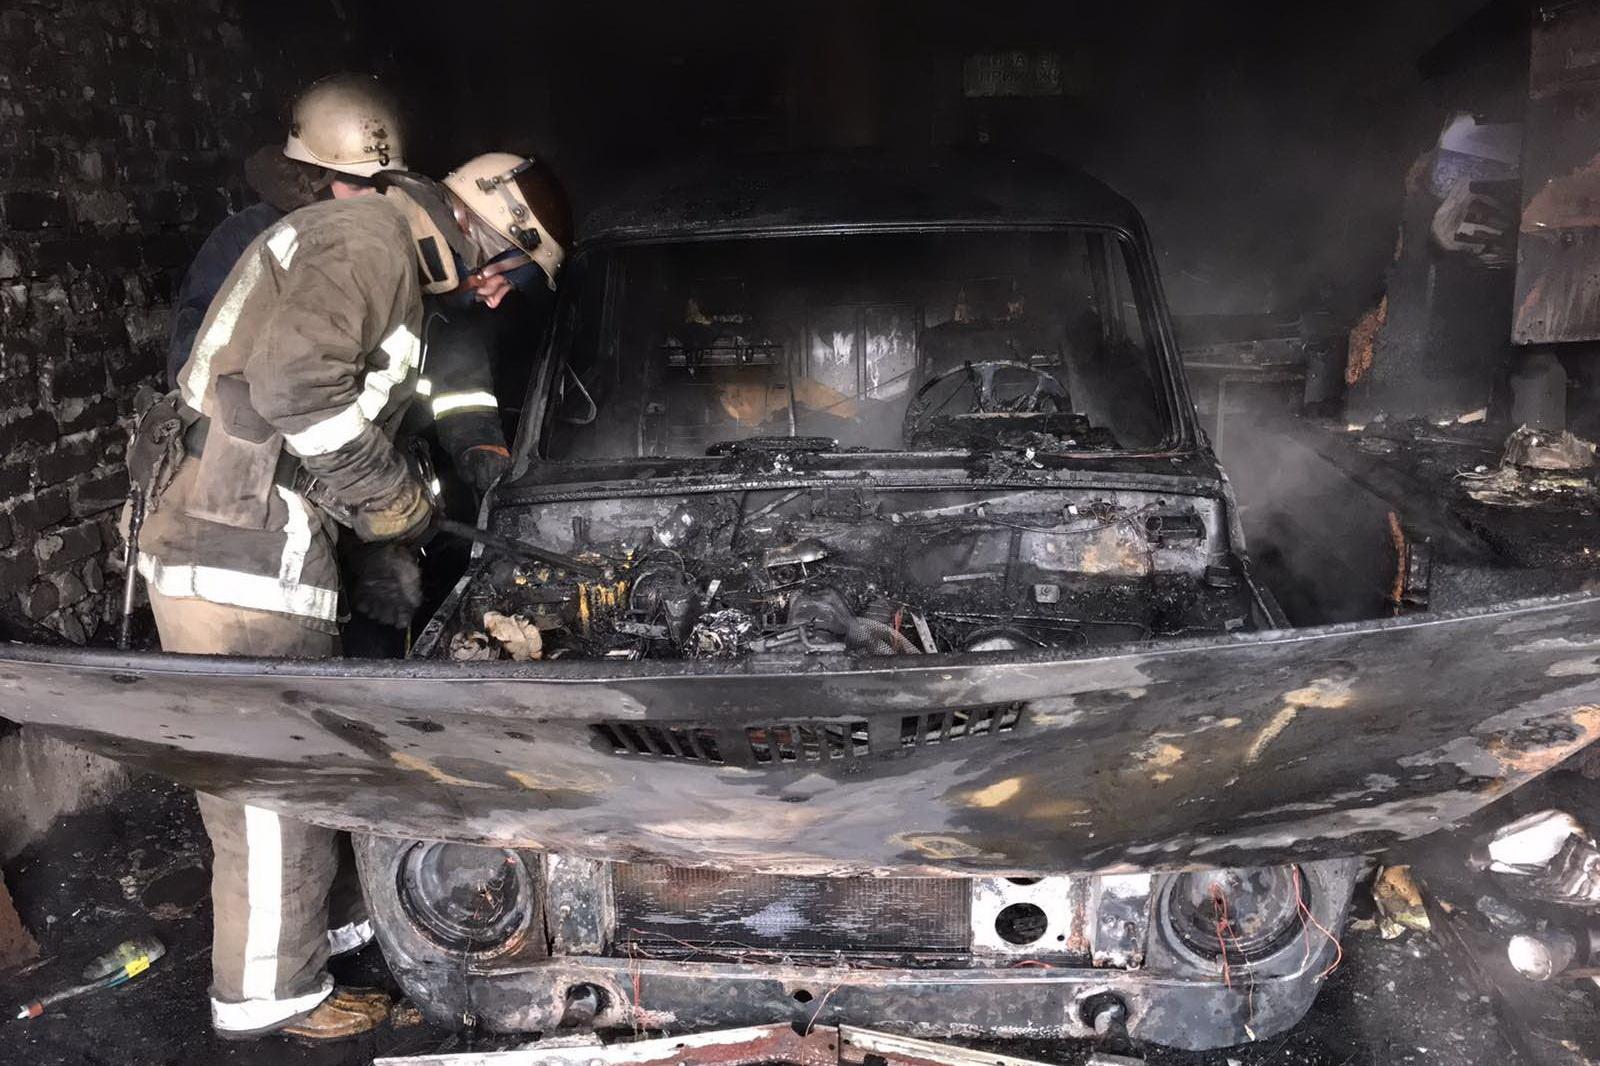 Возгорание транспортного средства в городском округе Одинцово